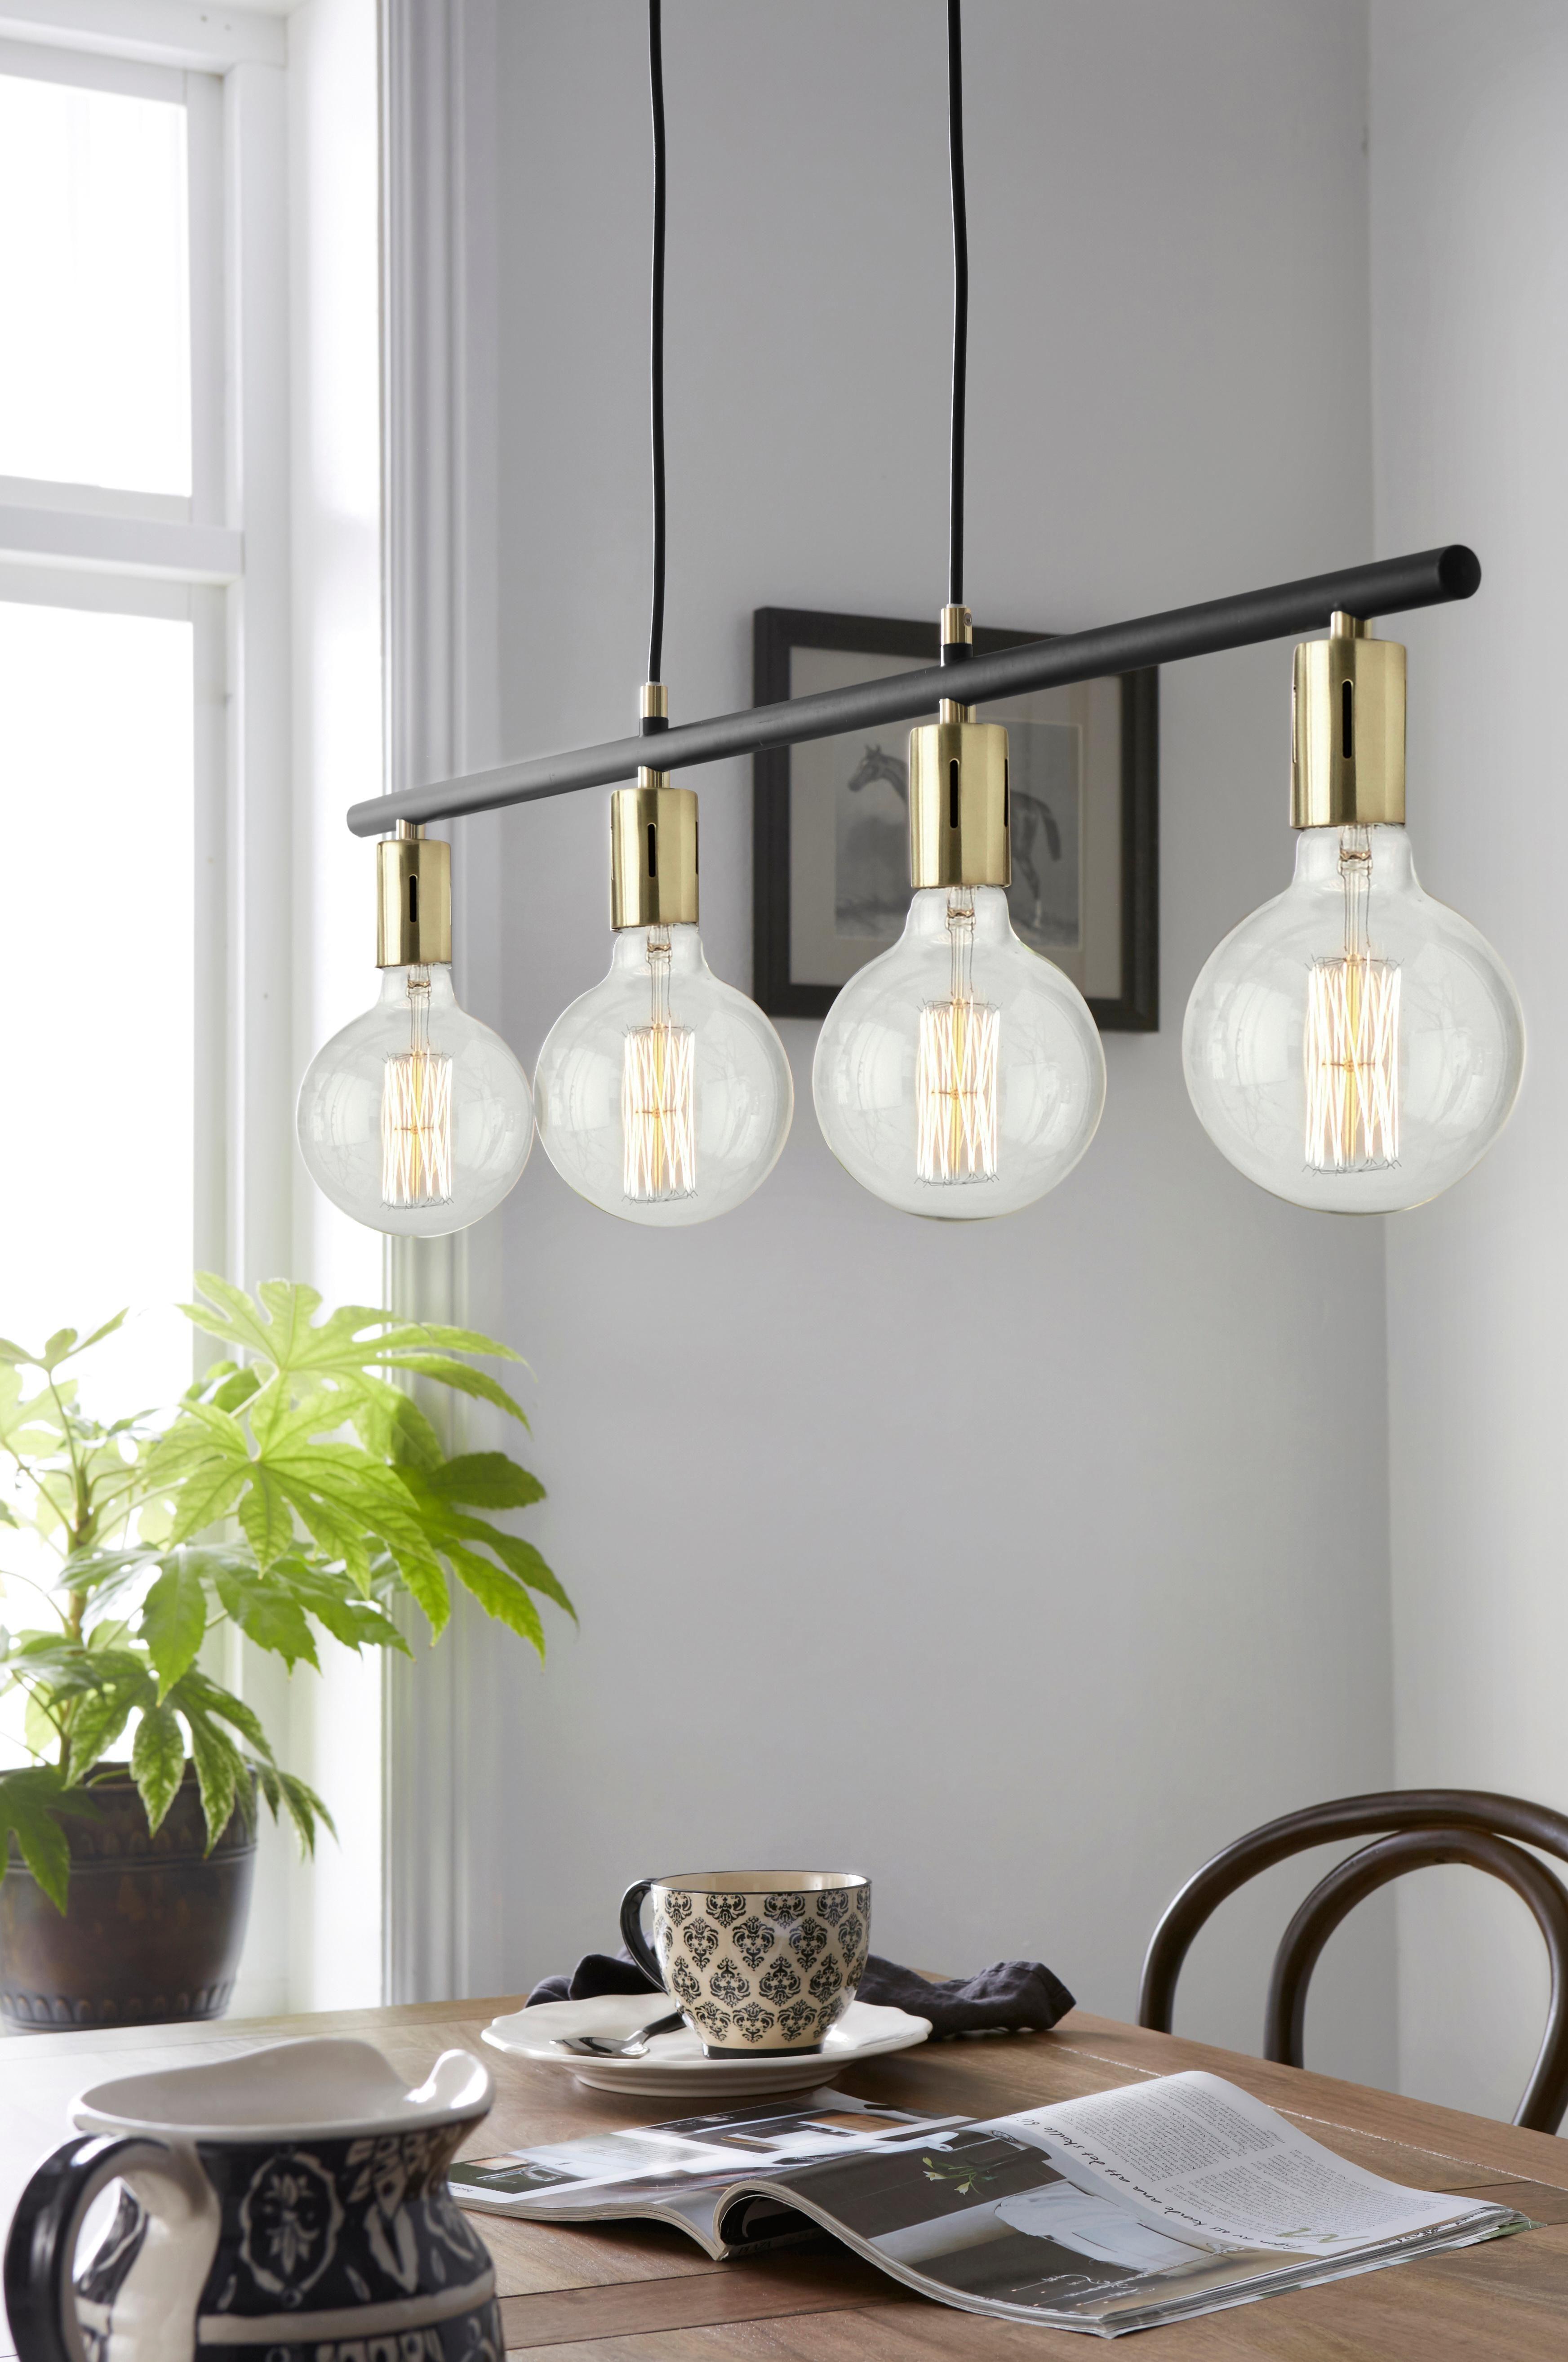 Loftlampe Adrian | Taklampa, Taklampor, Matsal belysning